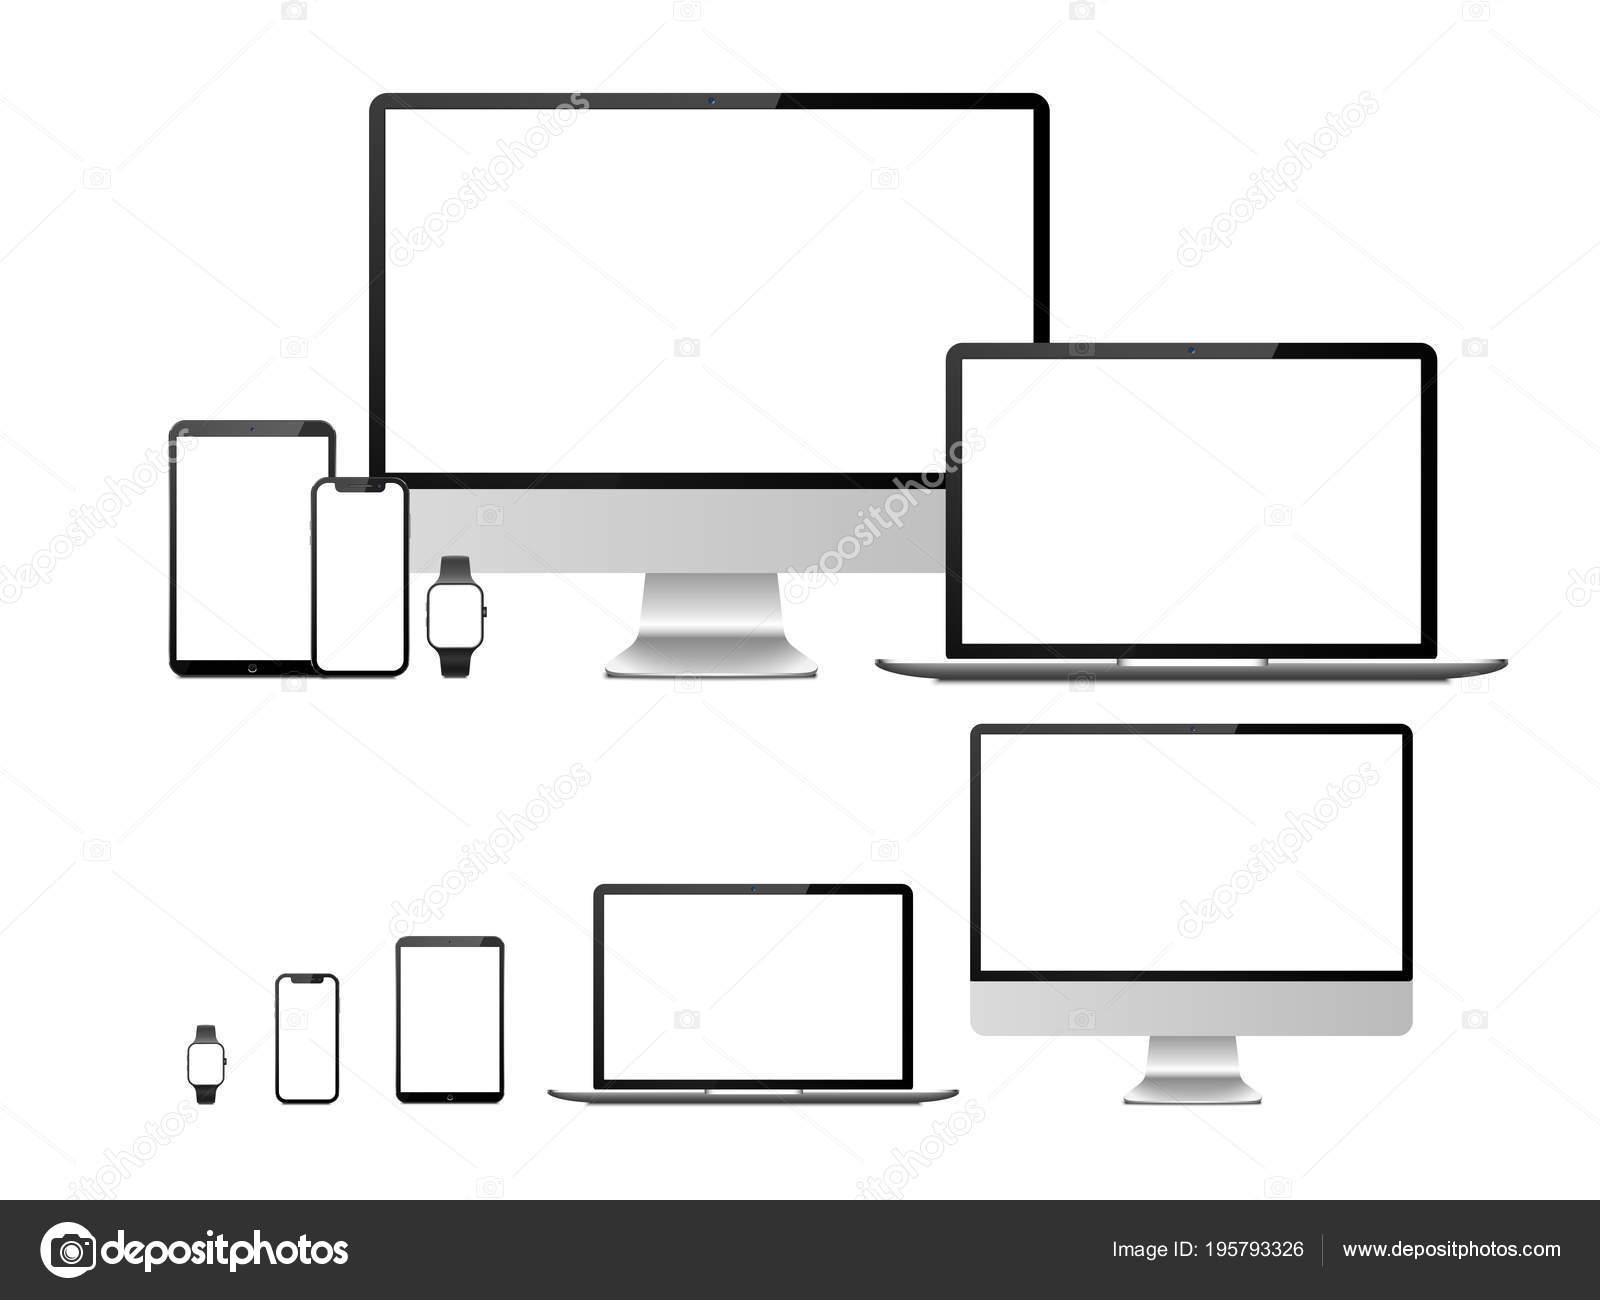 computadoras laptop tablet smartphone y dispositivo de